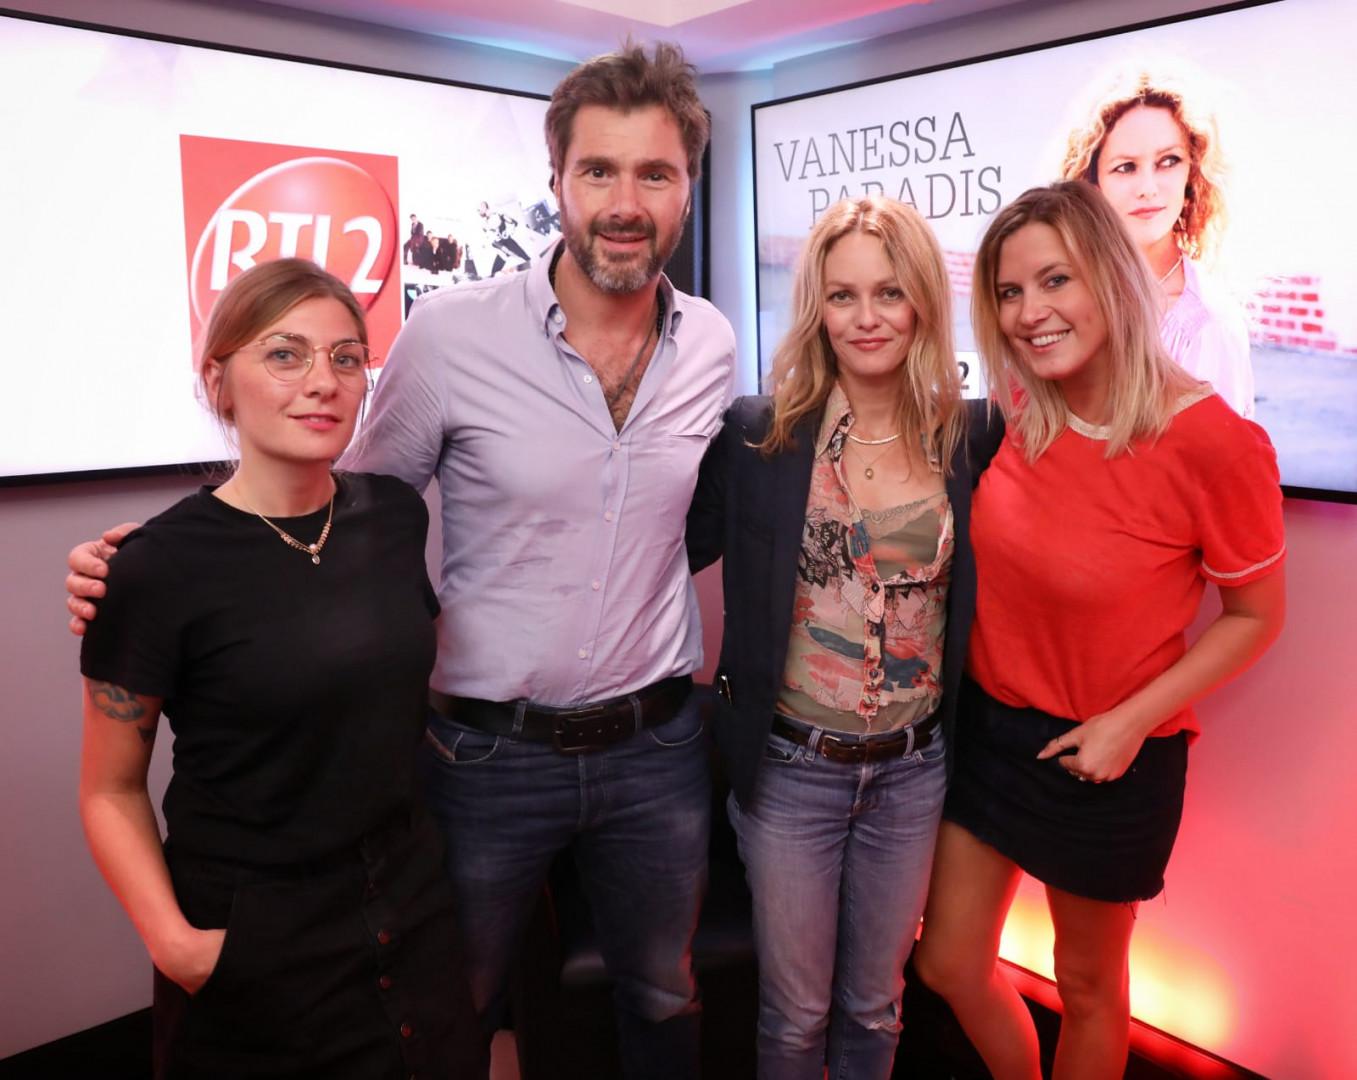 Vanessa Paradis en compagnie de Mathilde Courjeau et Eric Jean Jean du #DriveRTL2 et de Justine Salmon du Double Expresso RTL2